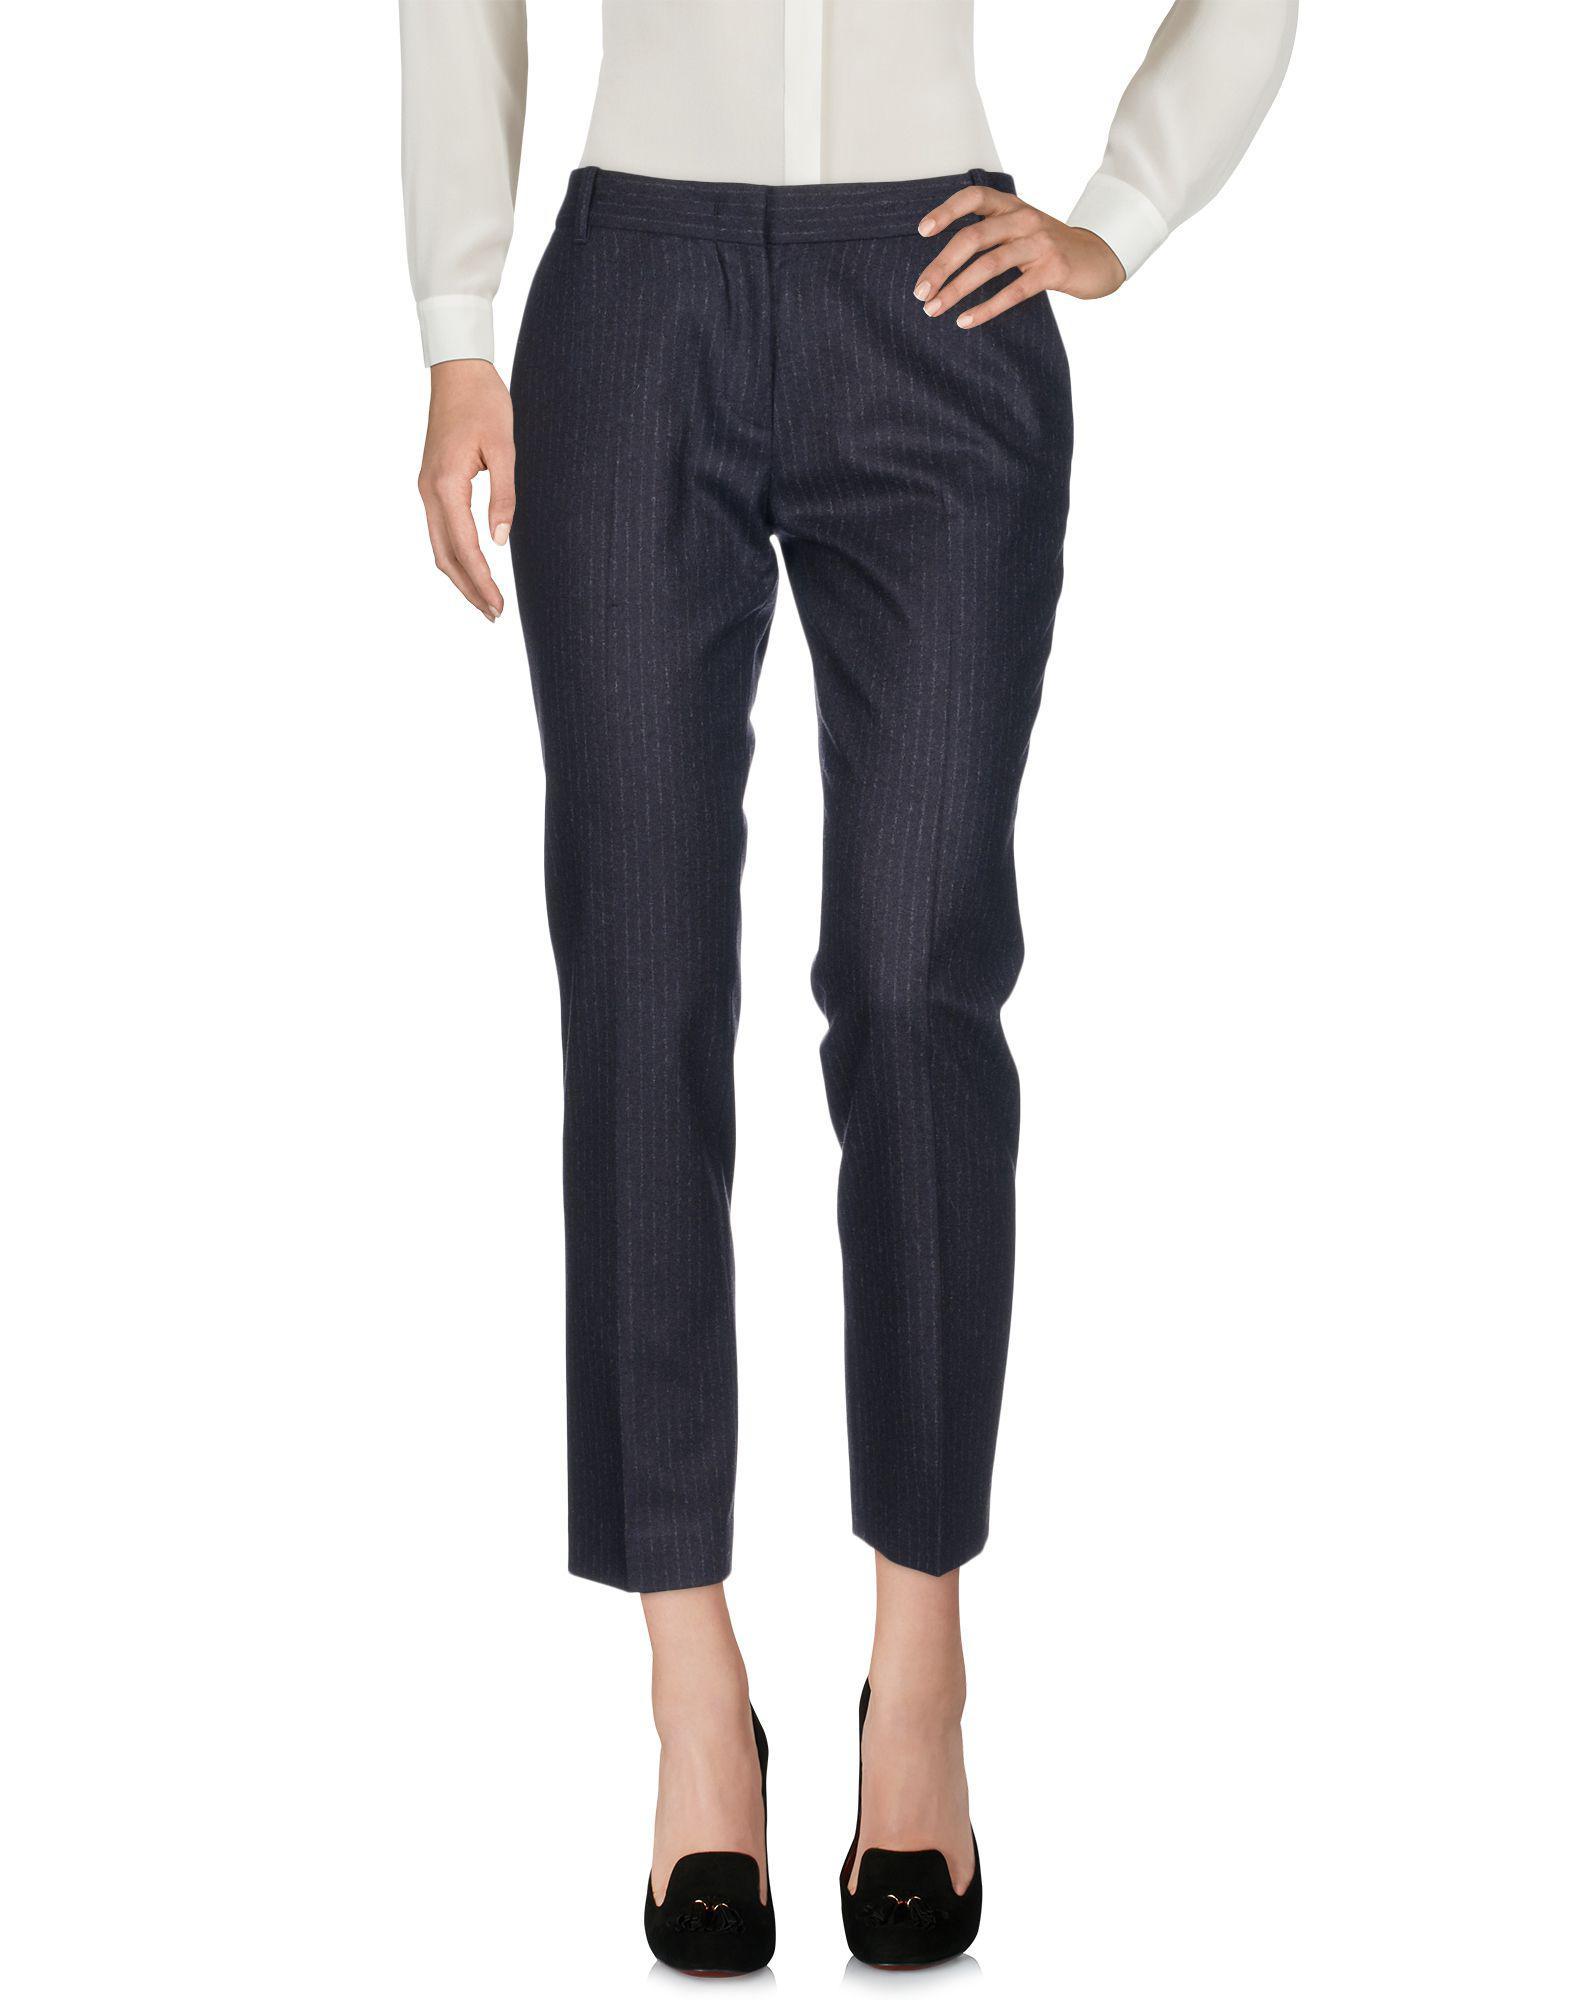 Lyst - Pantalones Aspesi de color Azul fb09af0b6465